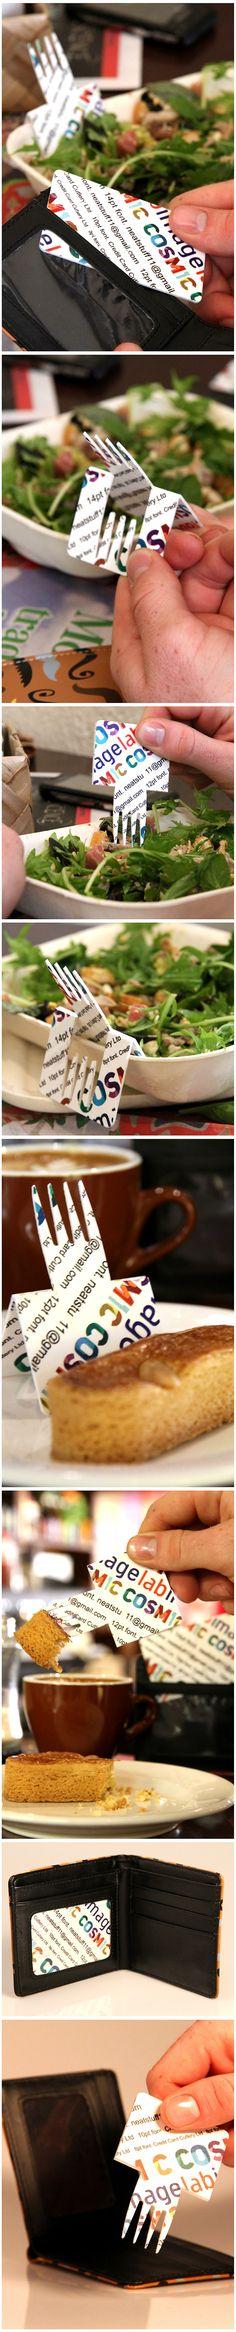 Credit Card Cutlery by Devon Briggs